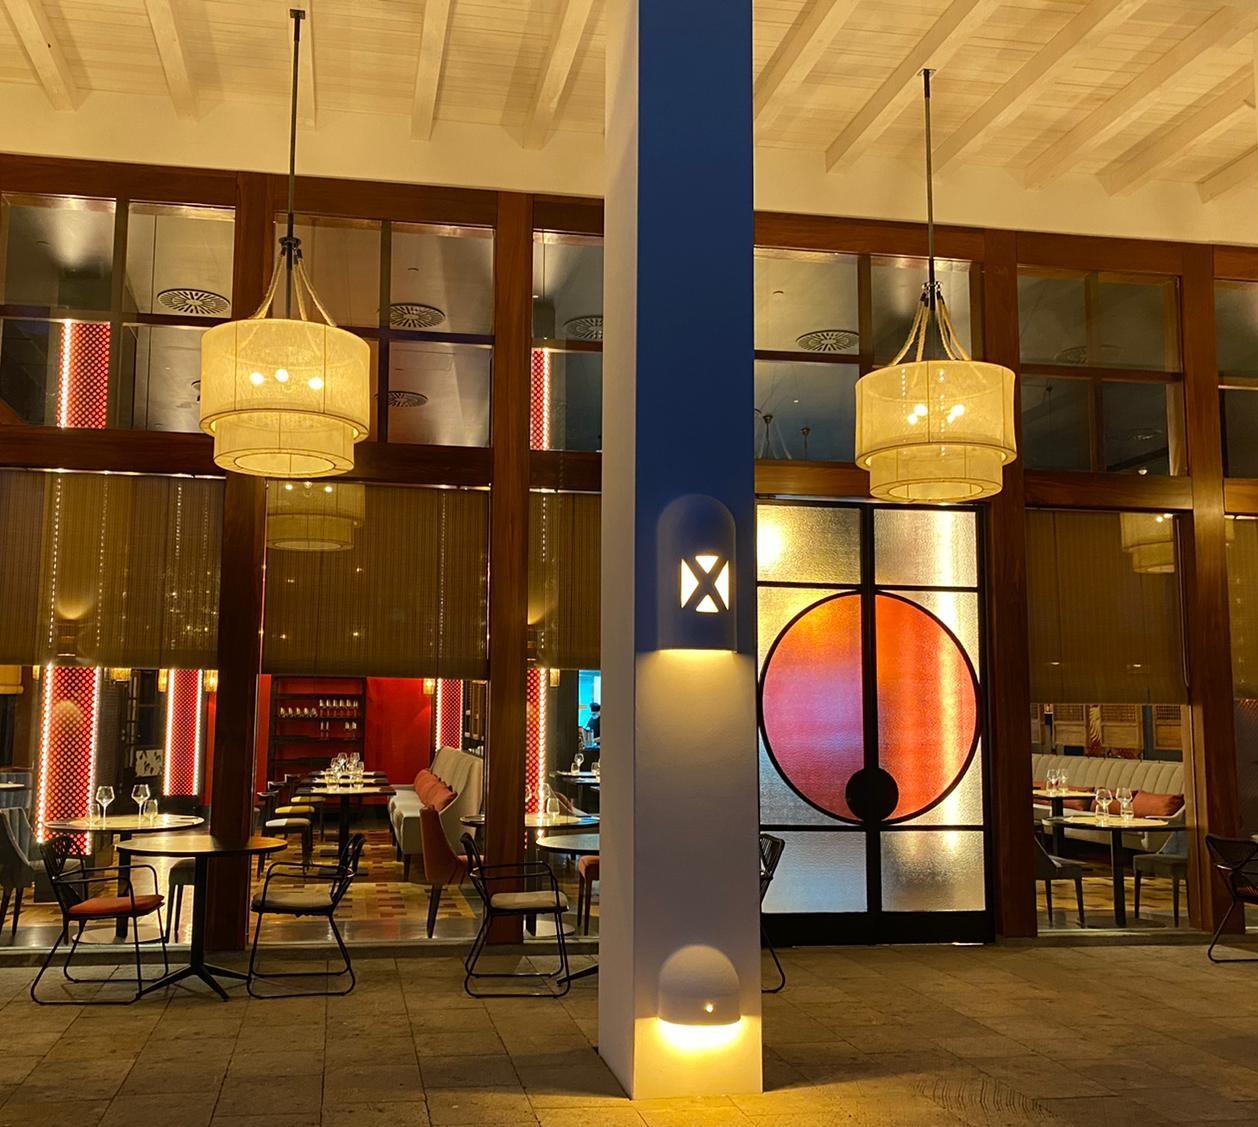 restaurante kaori luz vintage iluminacion